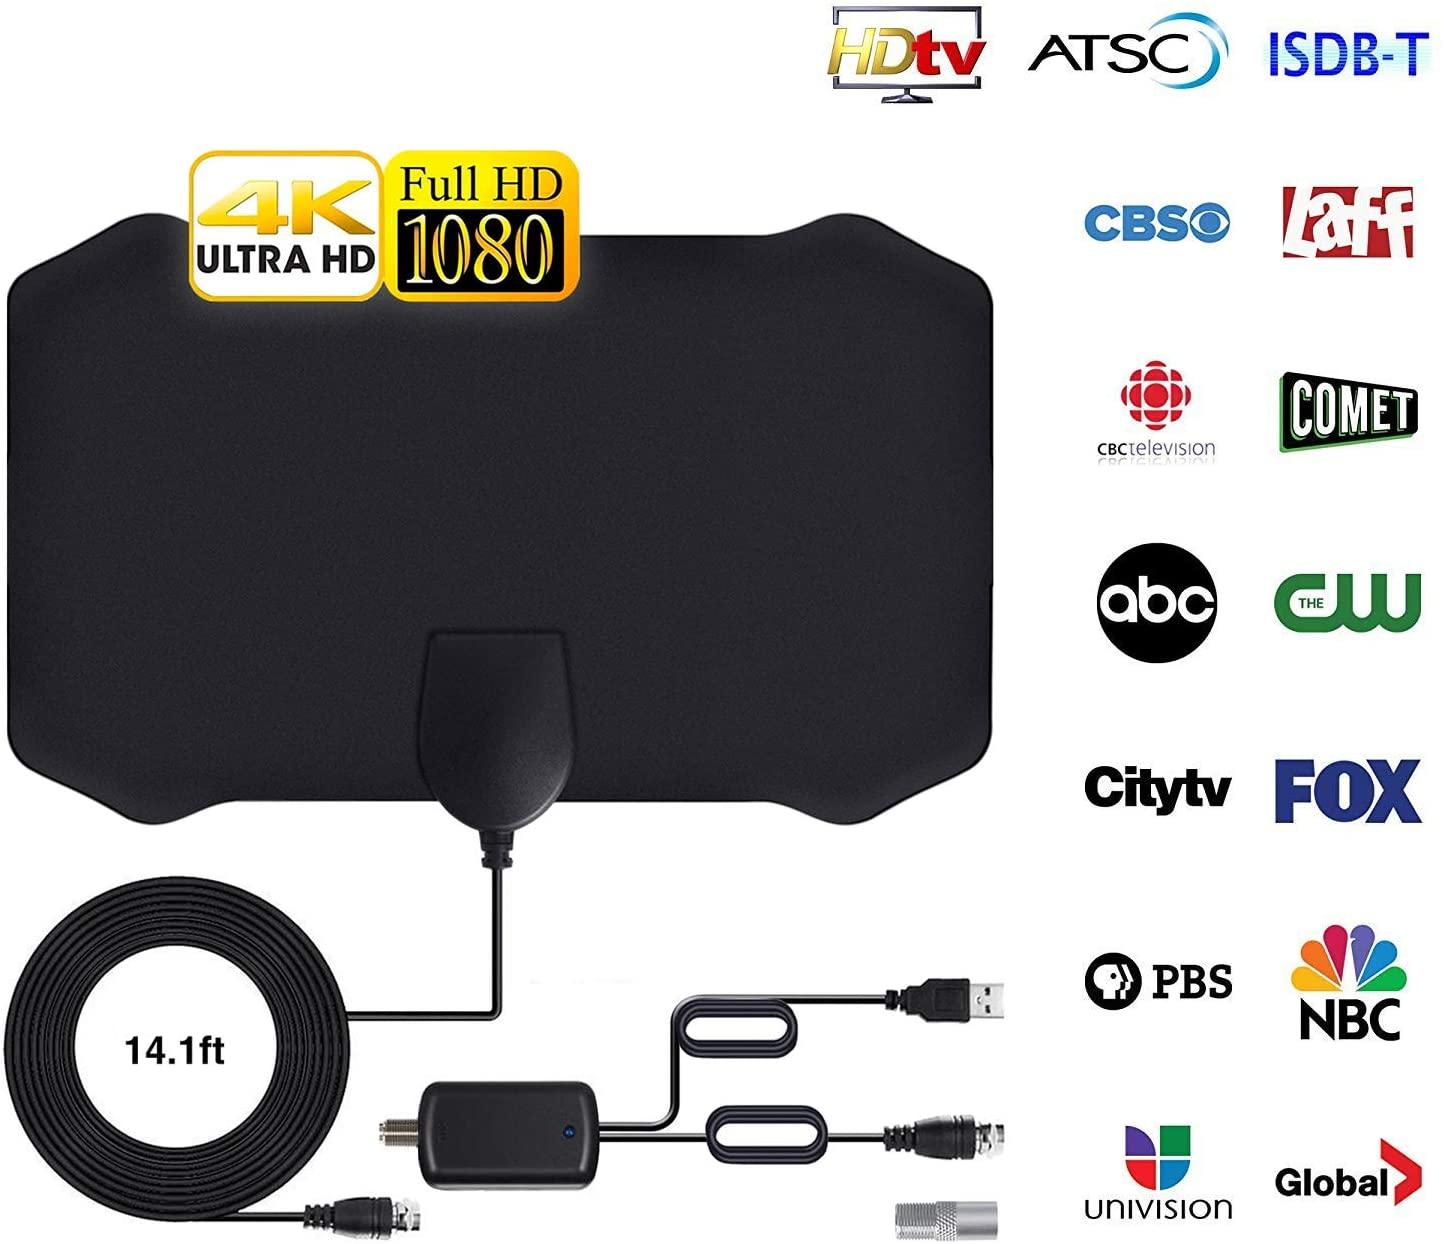 [Newest 2020] Antena de TV, Antena Interior HDTV con Amplificador Portatil, Rango de 96-200 KM, Soporte 4K 1080p y Todos los televisores de Interior TV de Antena